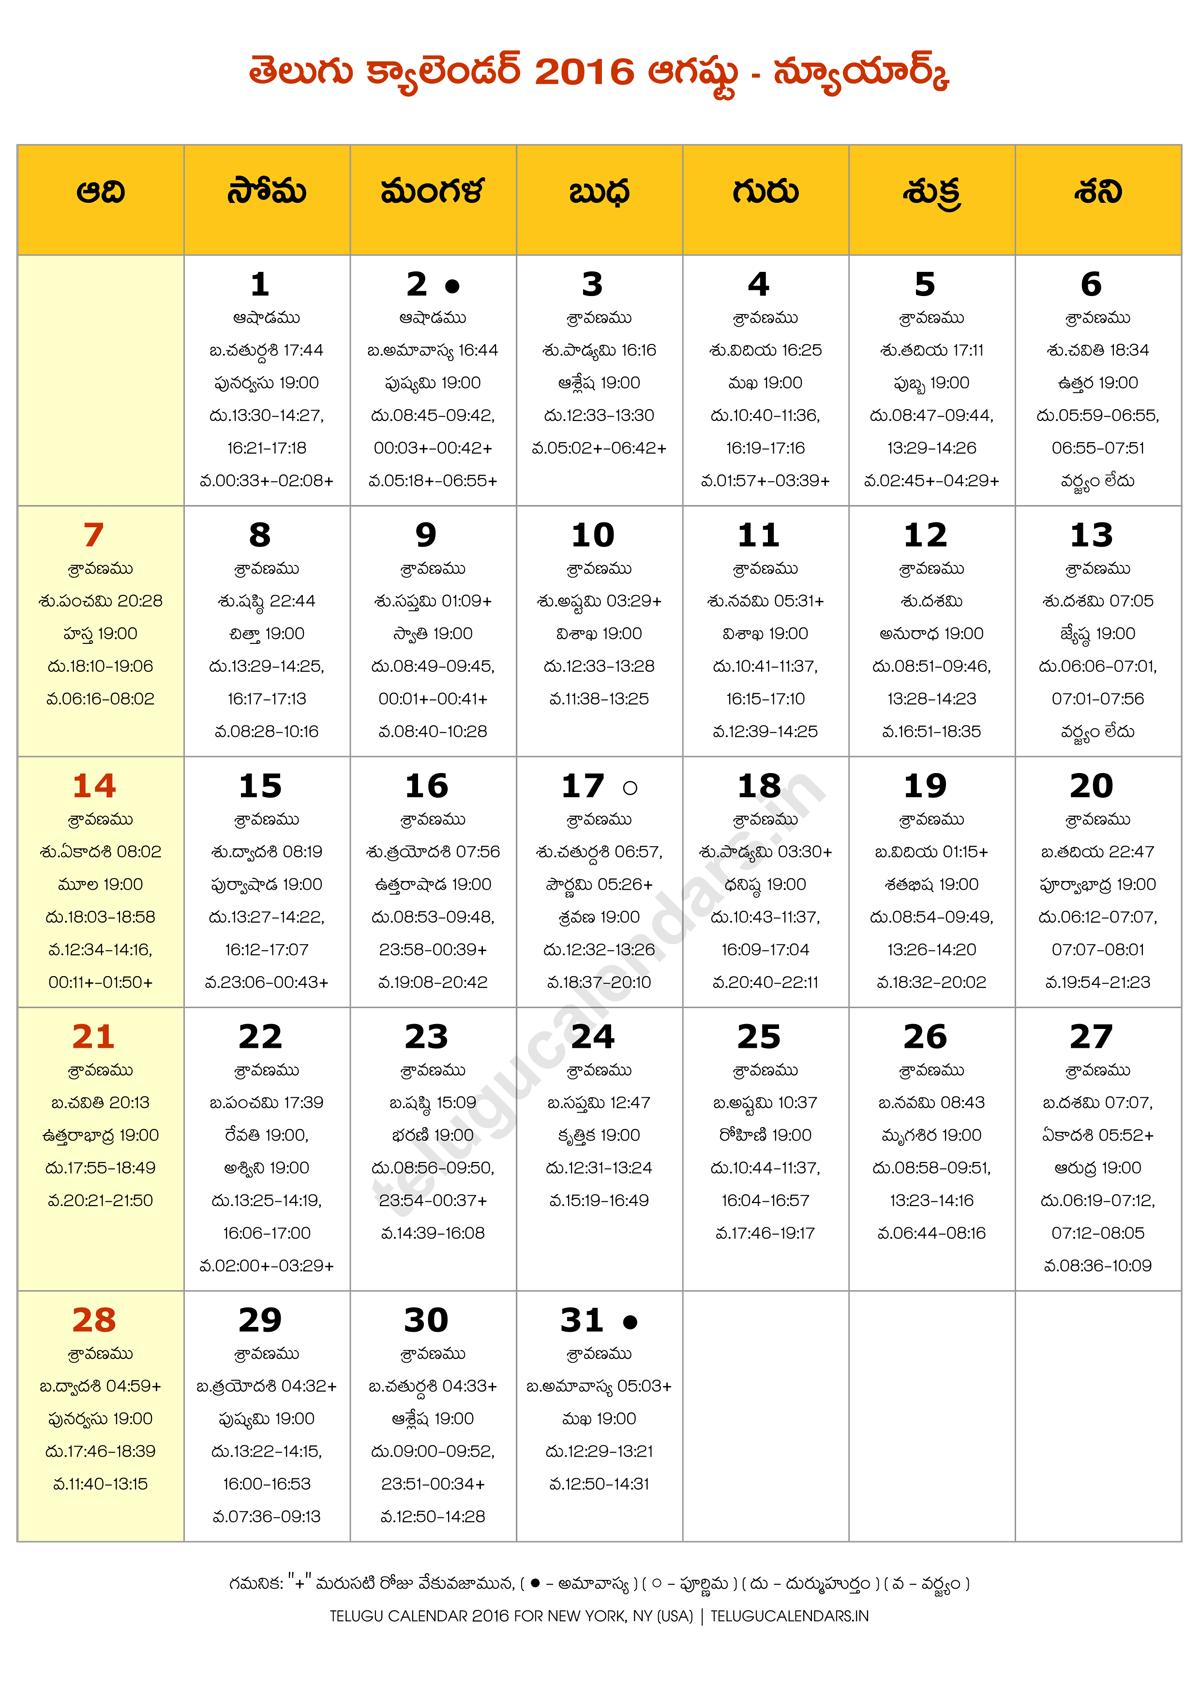 Telugu Calendar (New York, USA) 2016 August PDF   Telugu Calendars